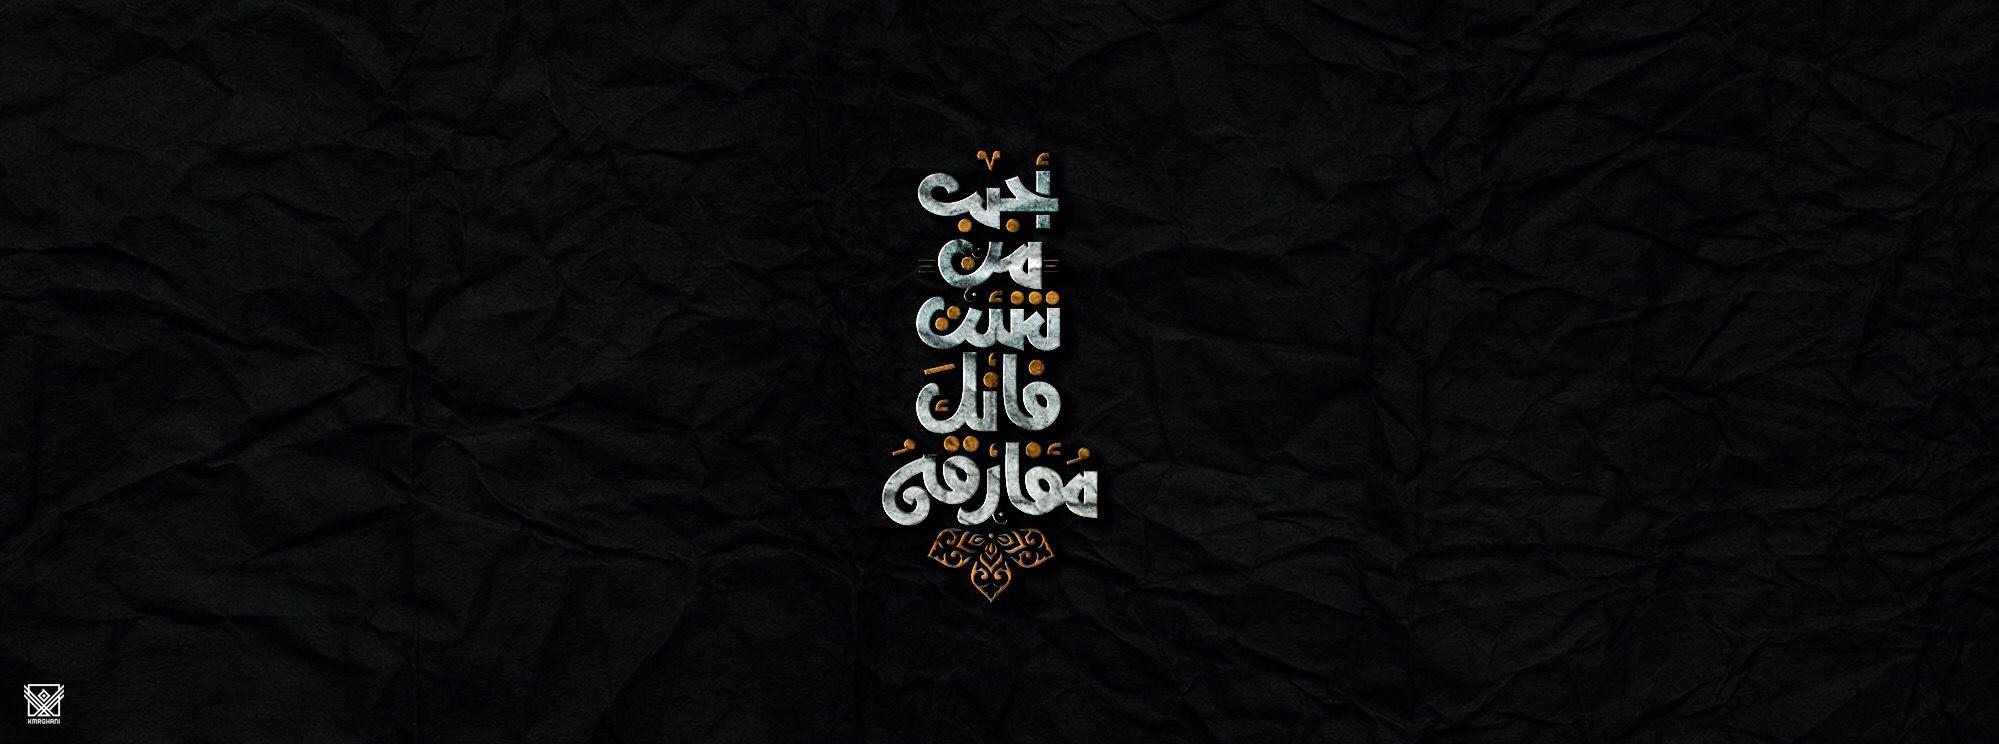 احبب من شئت فانك مفارقه Arabic Words Arabic Quotes Typography